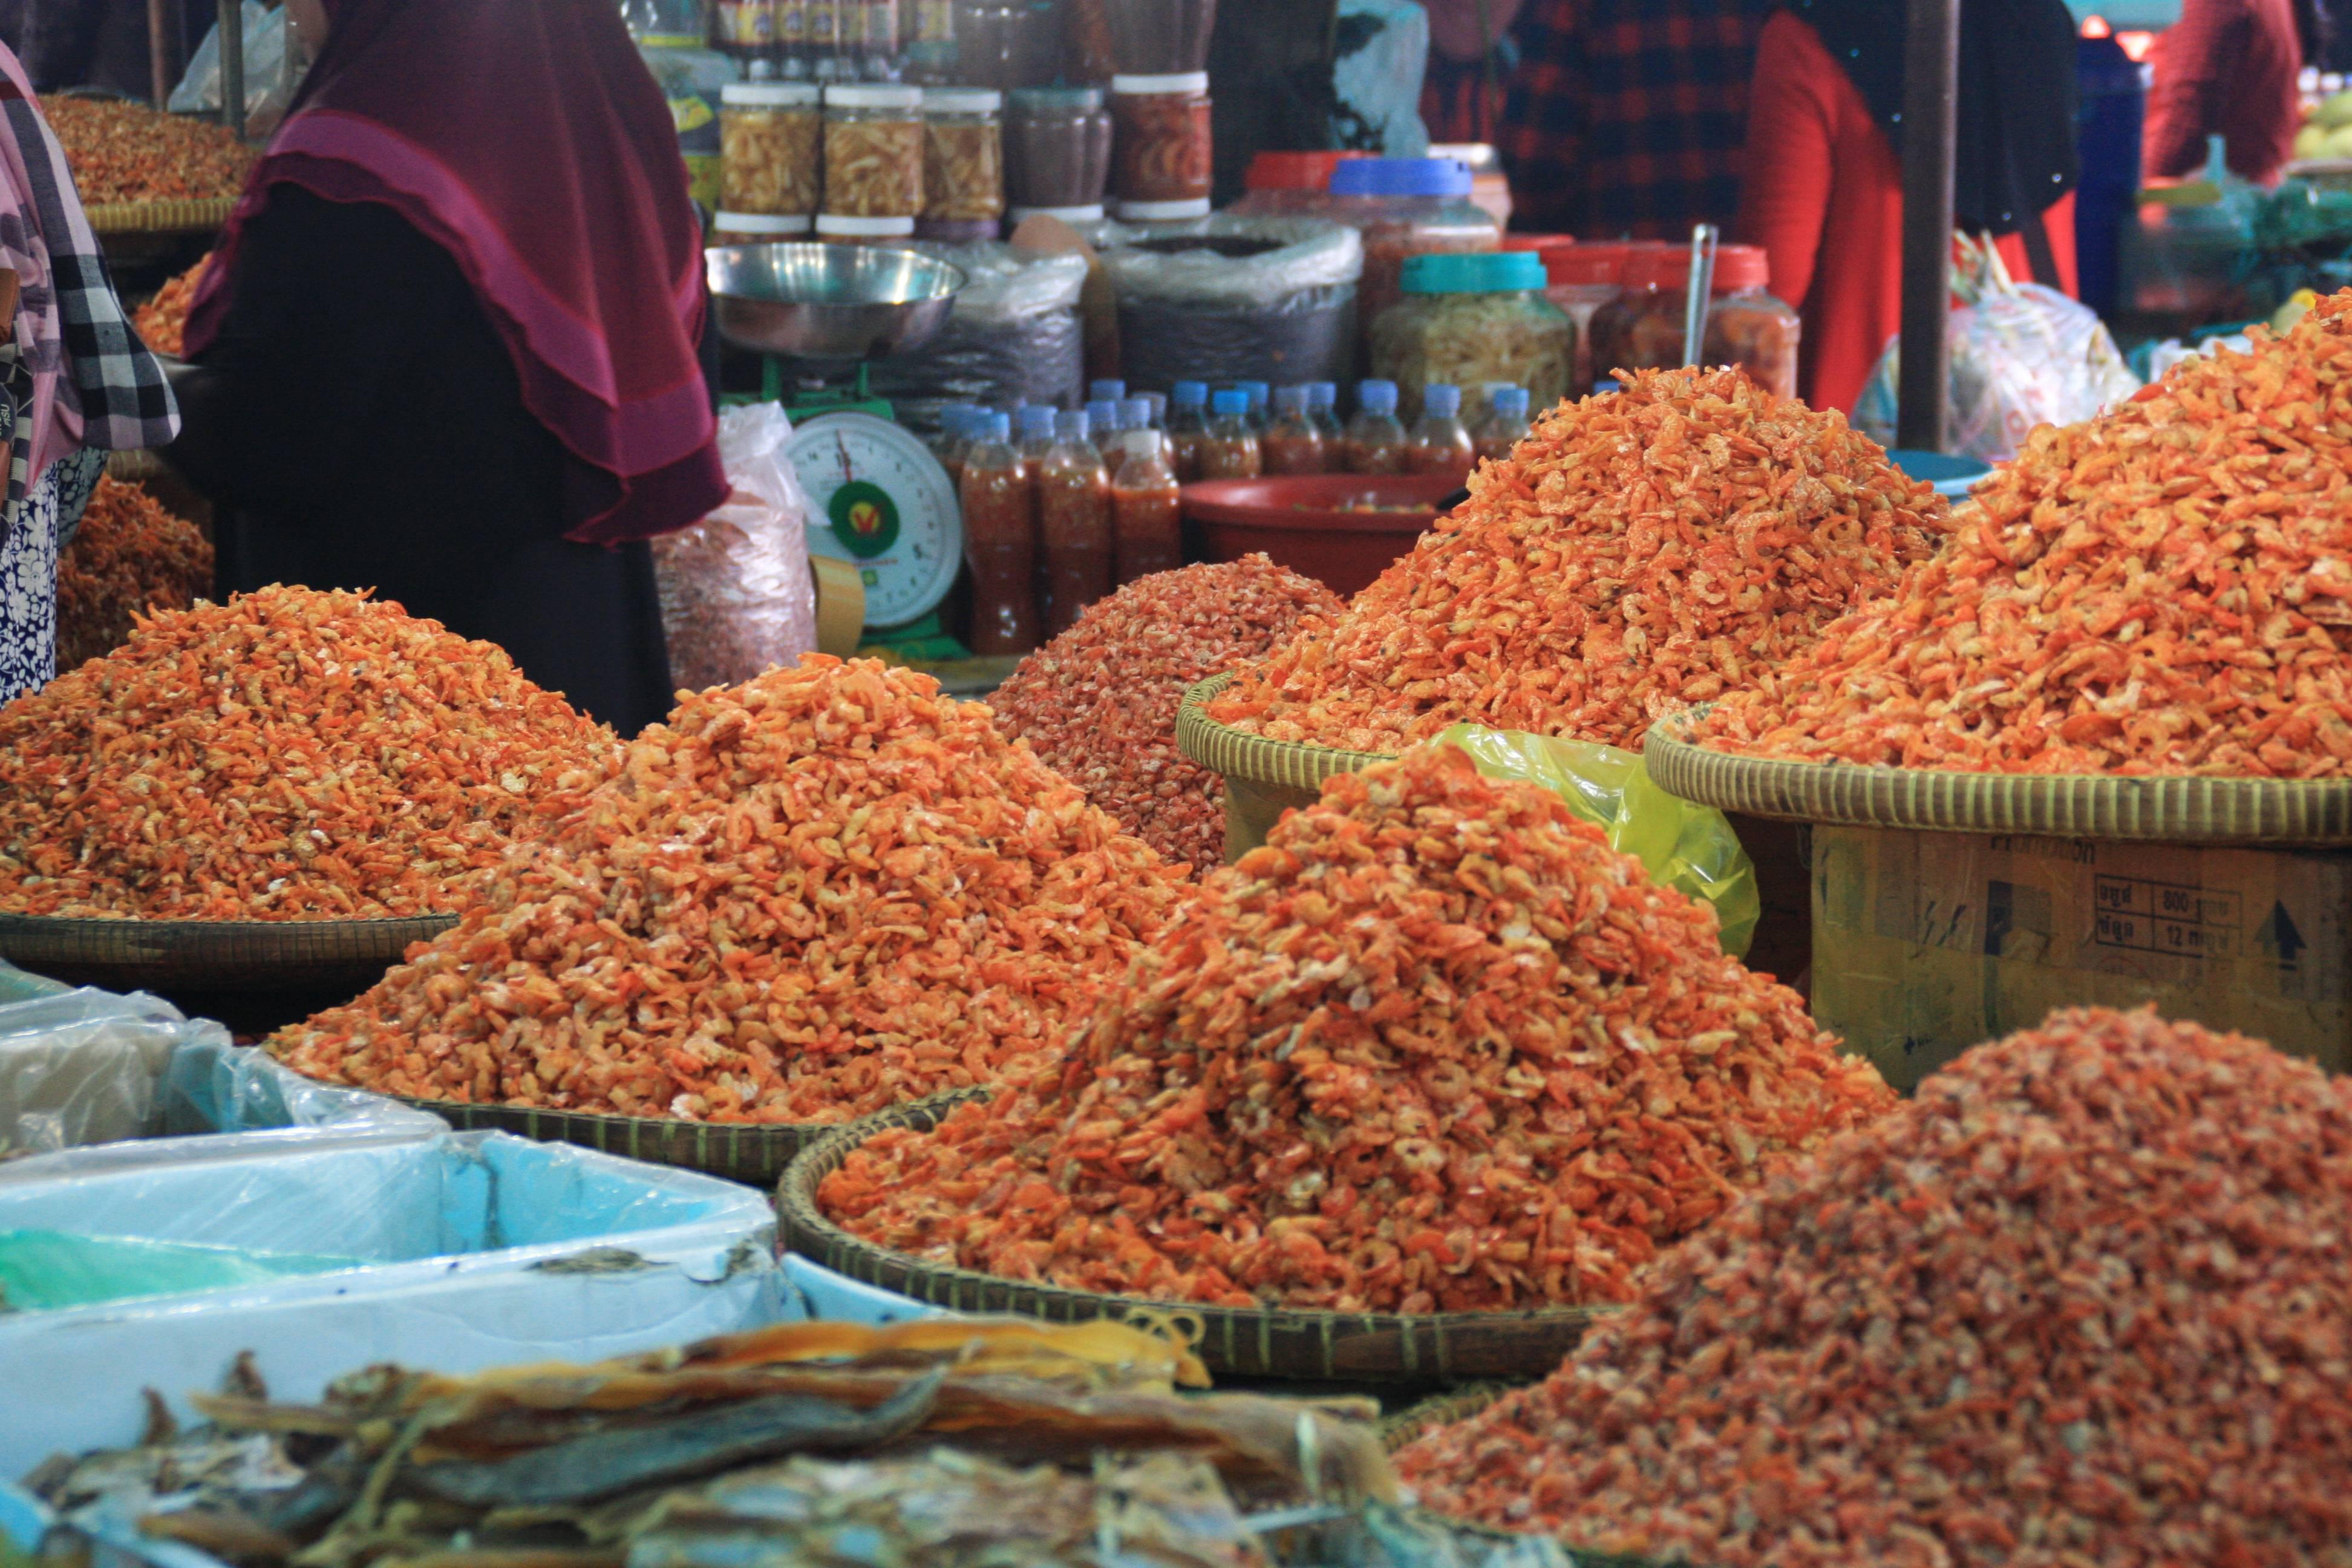 Photo 1: Marché aux crabes de Kep